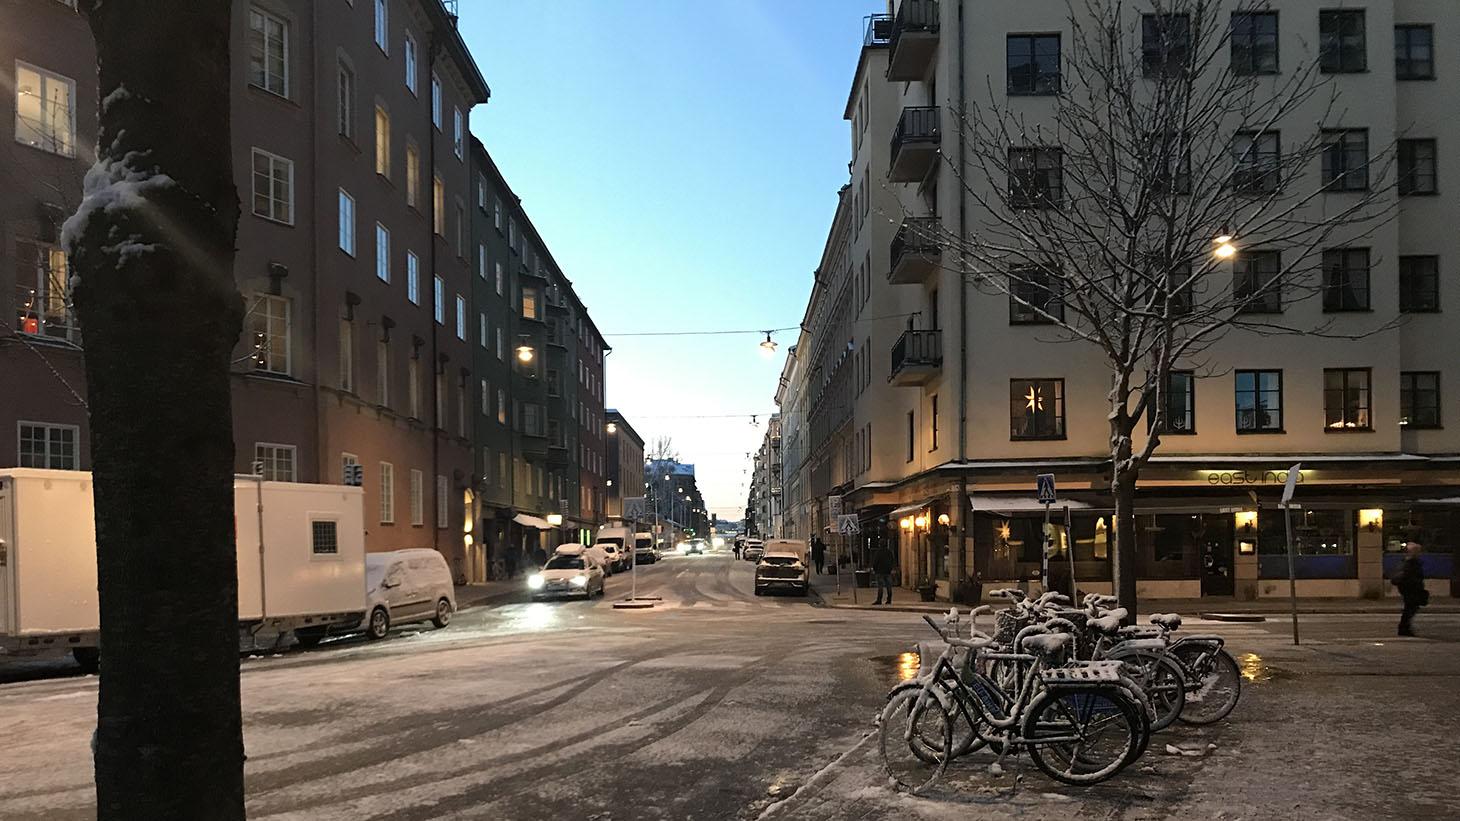 tidig decembermorgon på Östermalm i Stockholm